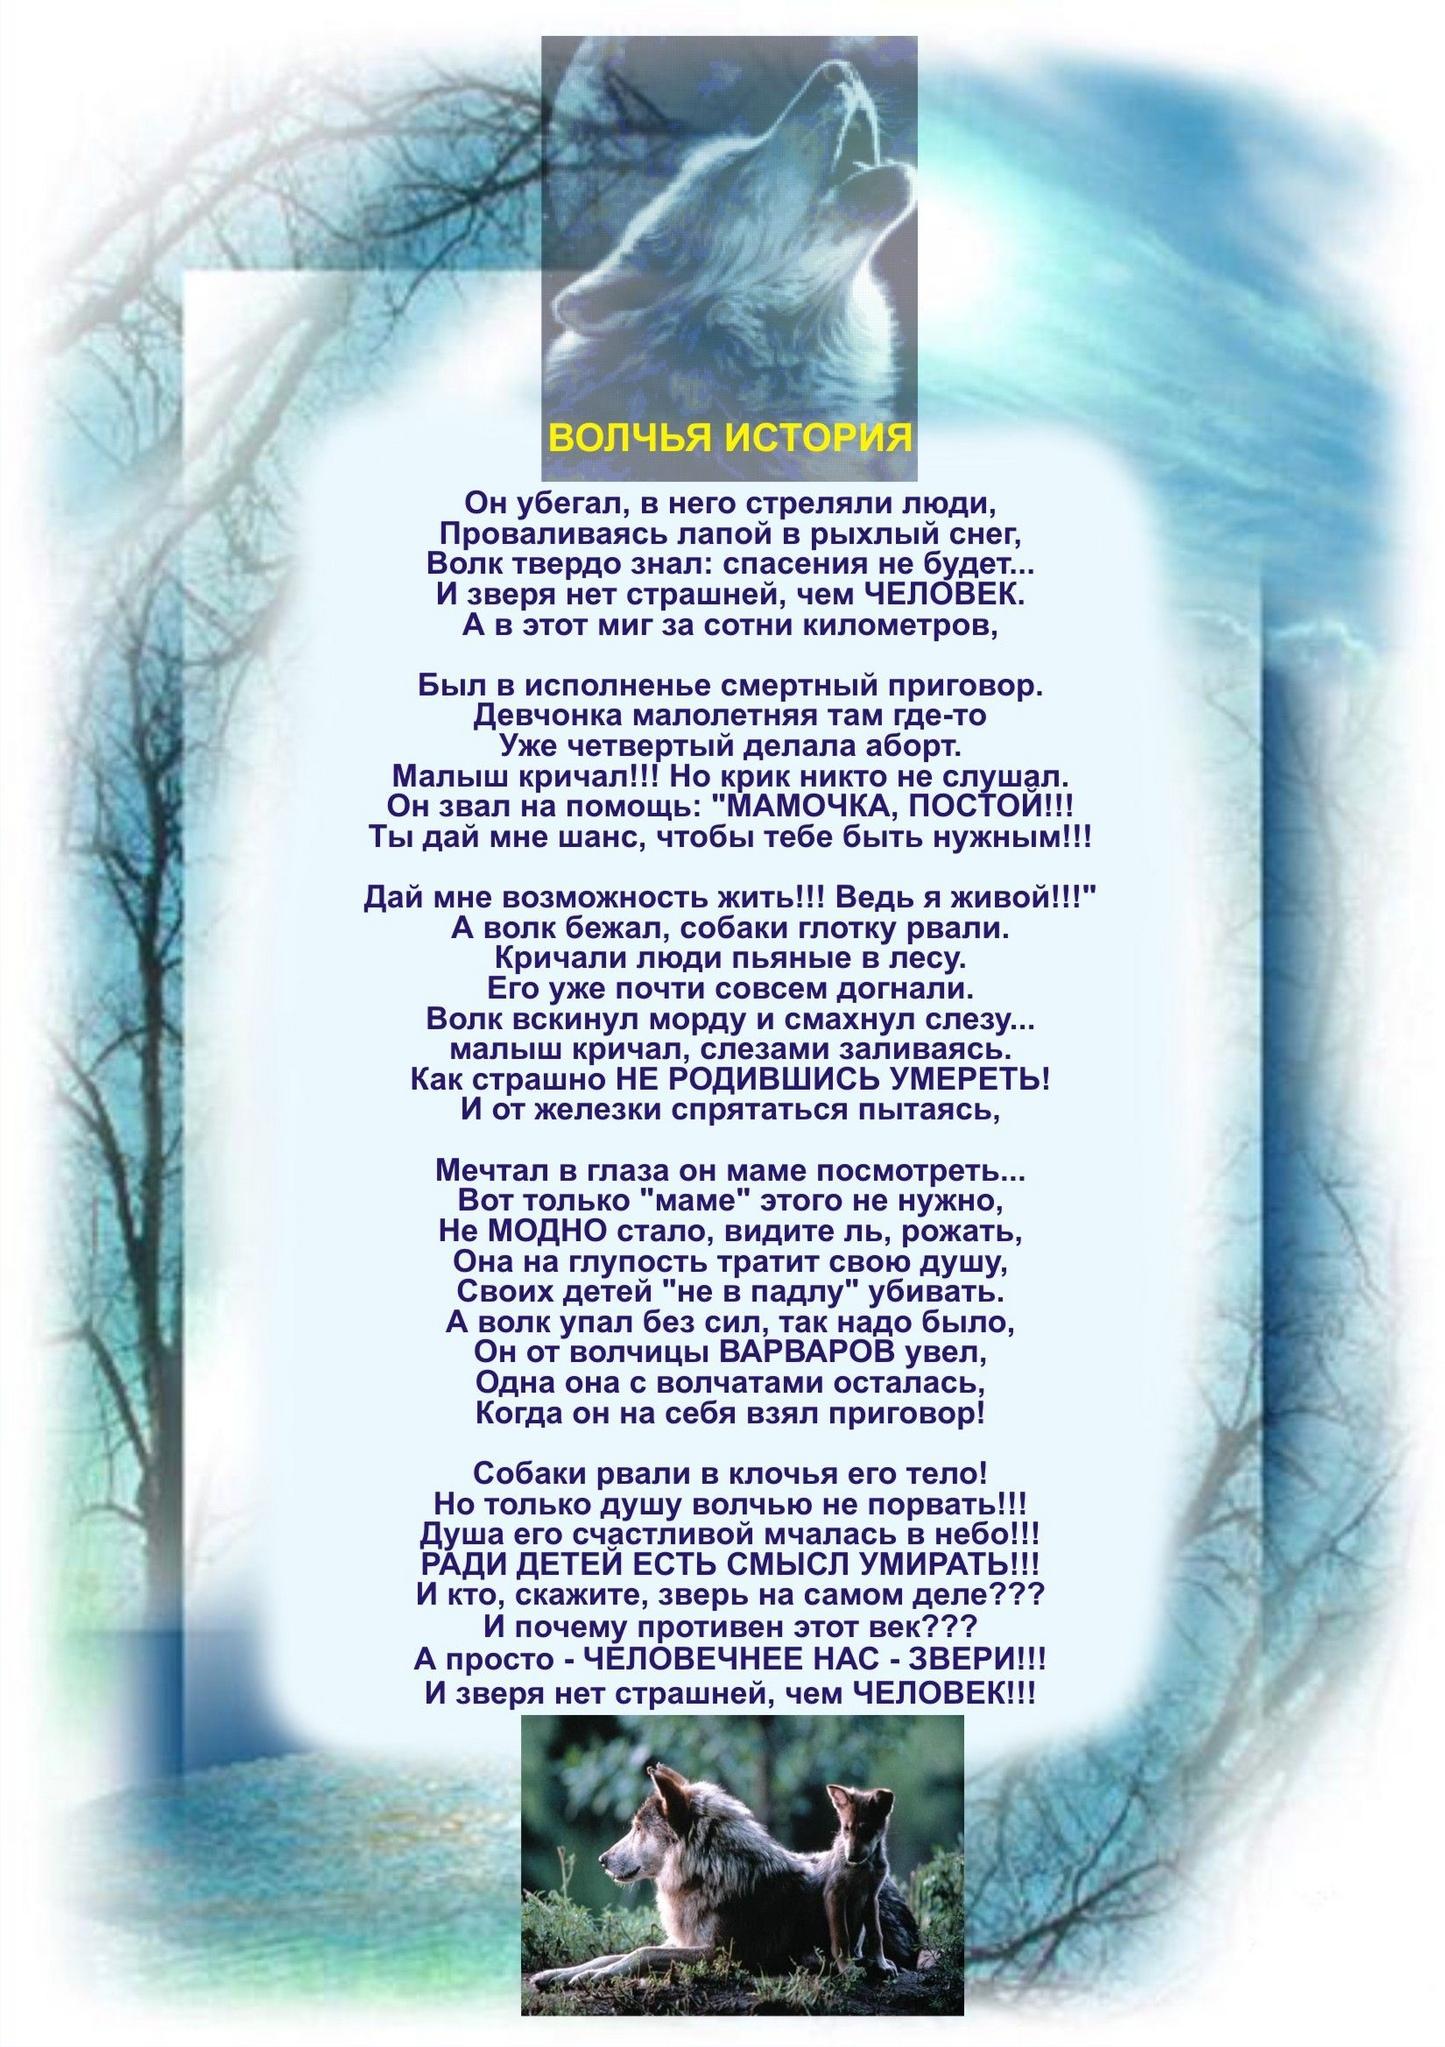 Стих про людей россии